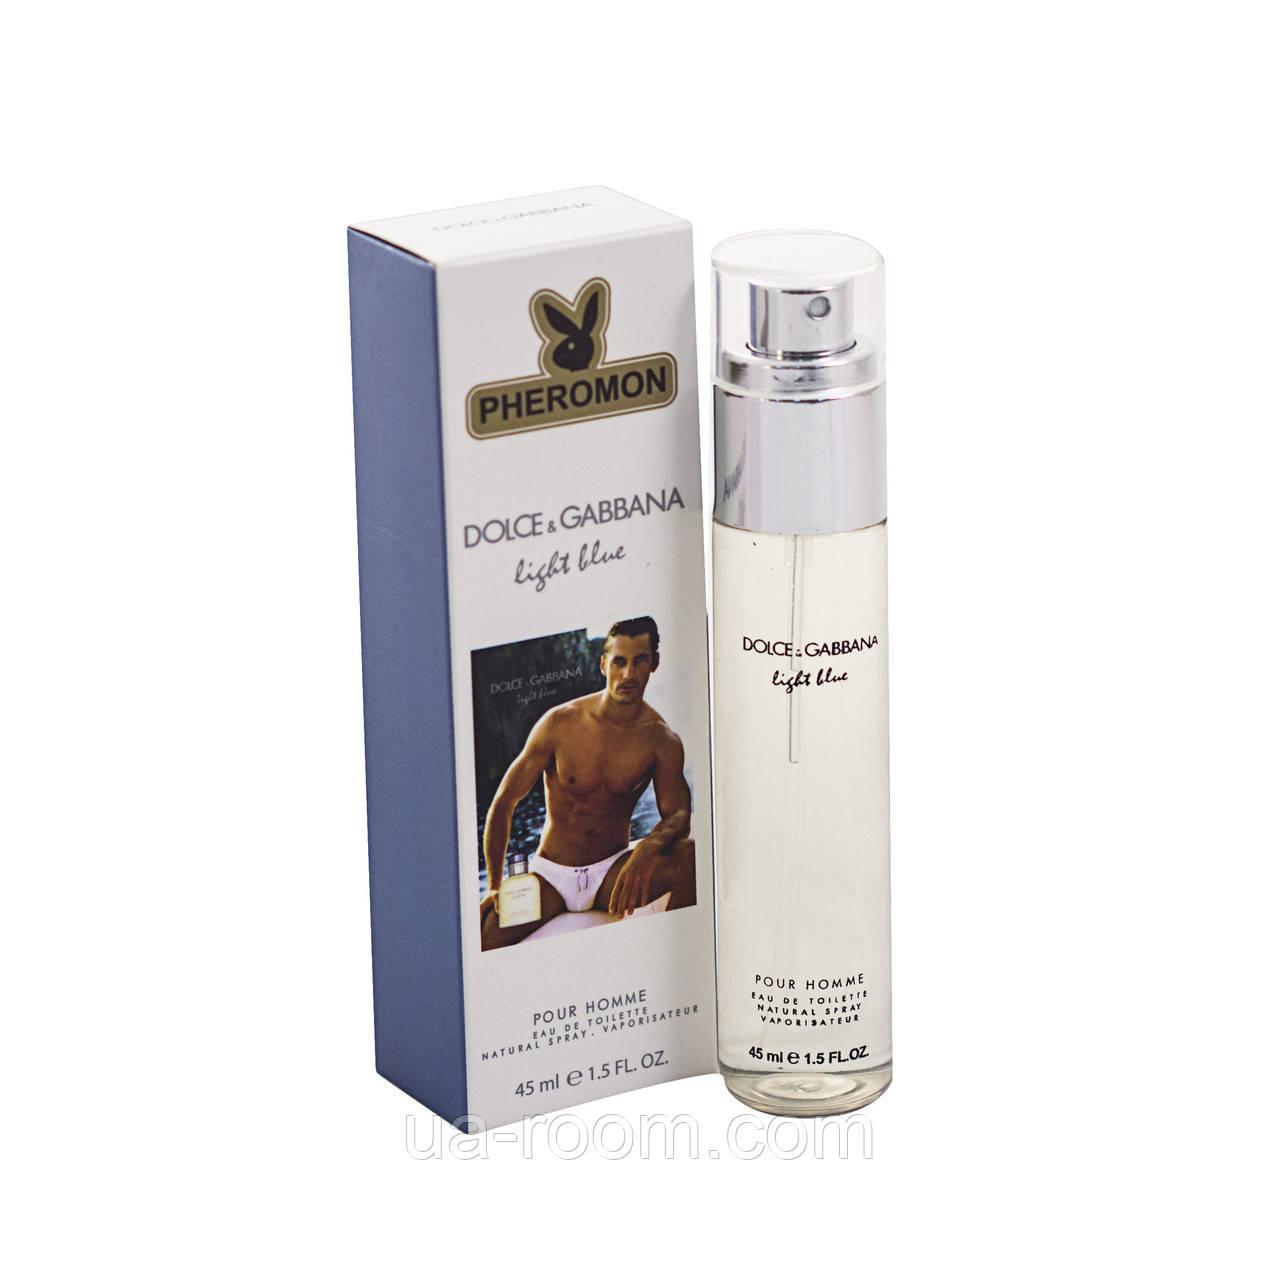 Мужской мини-парфюм с феромоном Dolce&Gabbana light blue Pour Homme , 45 мл.